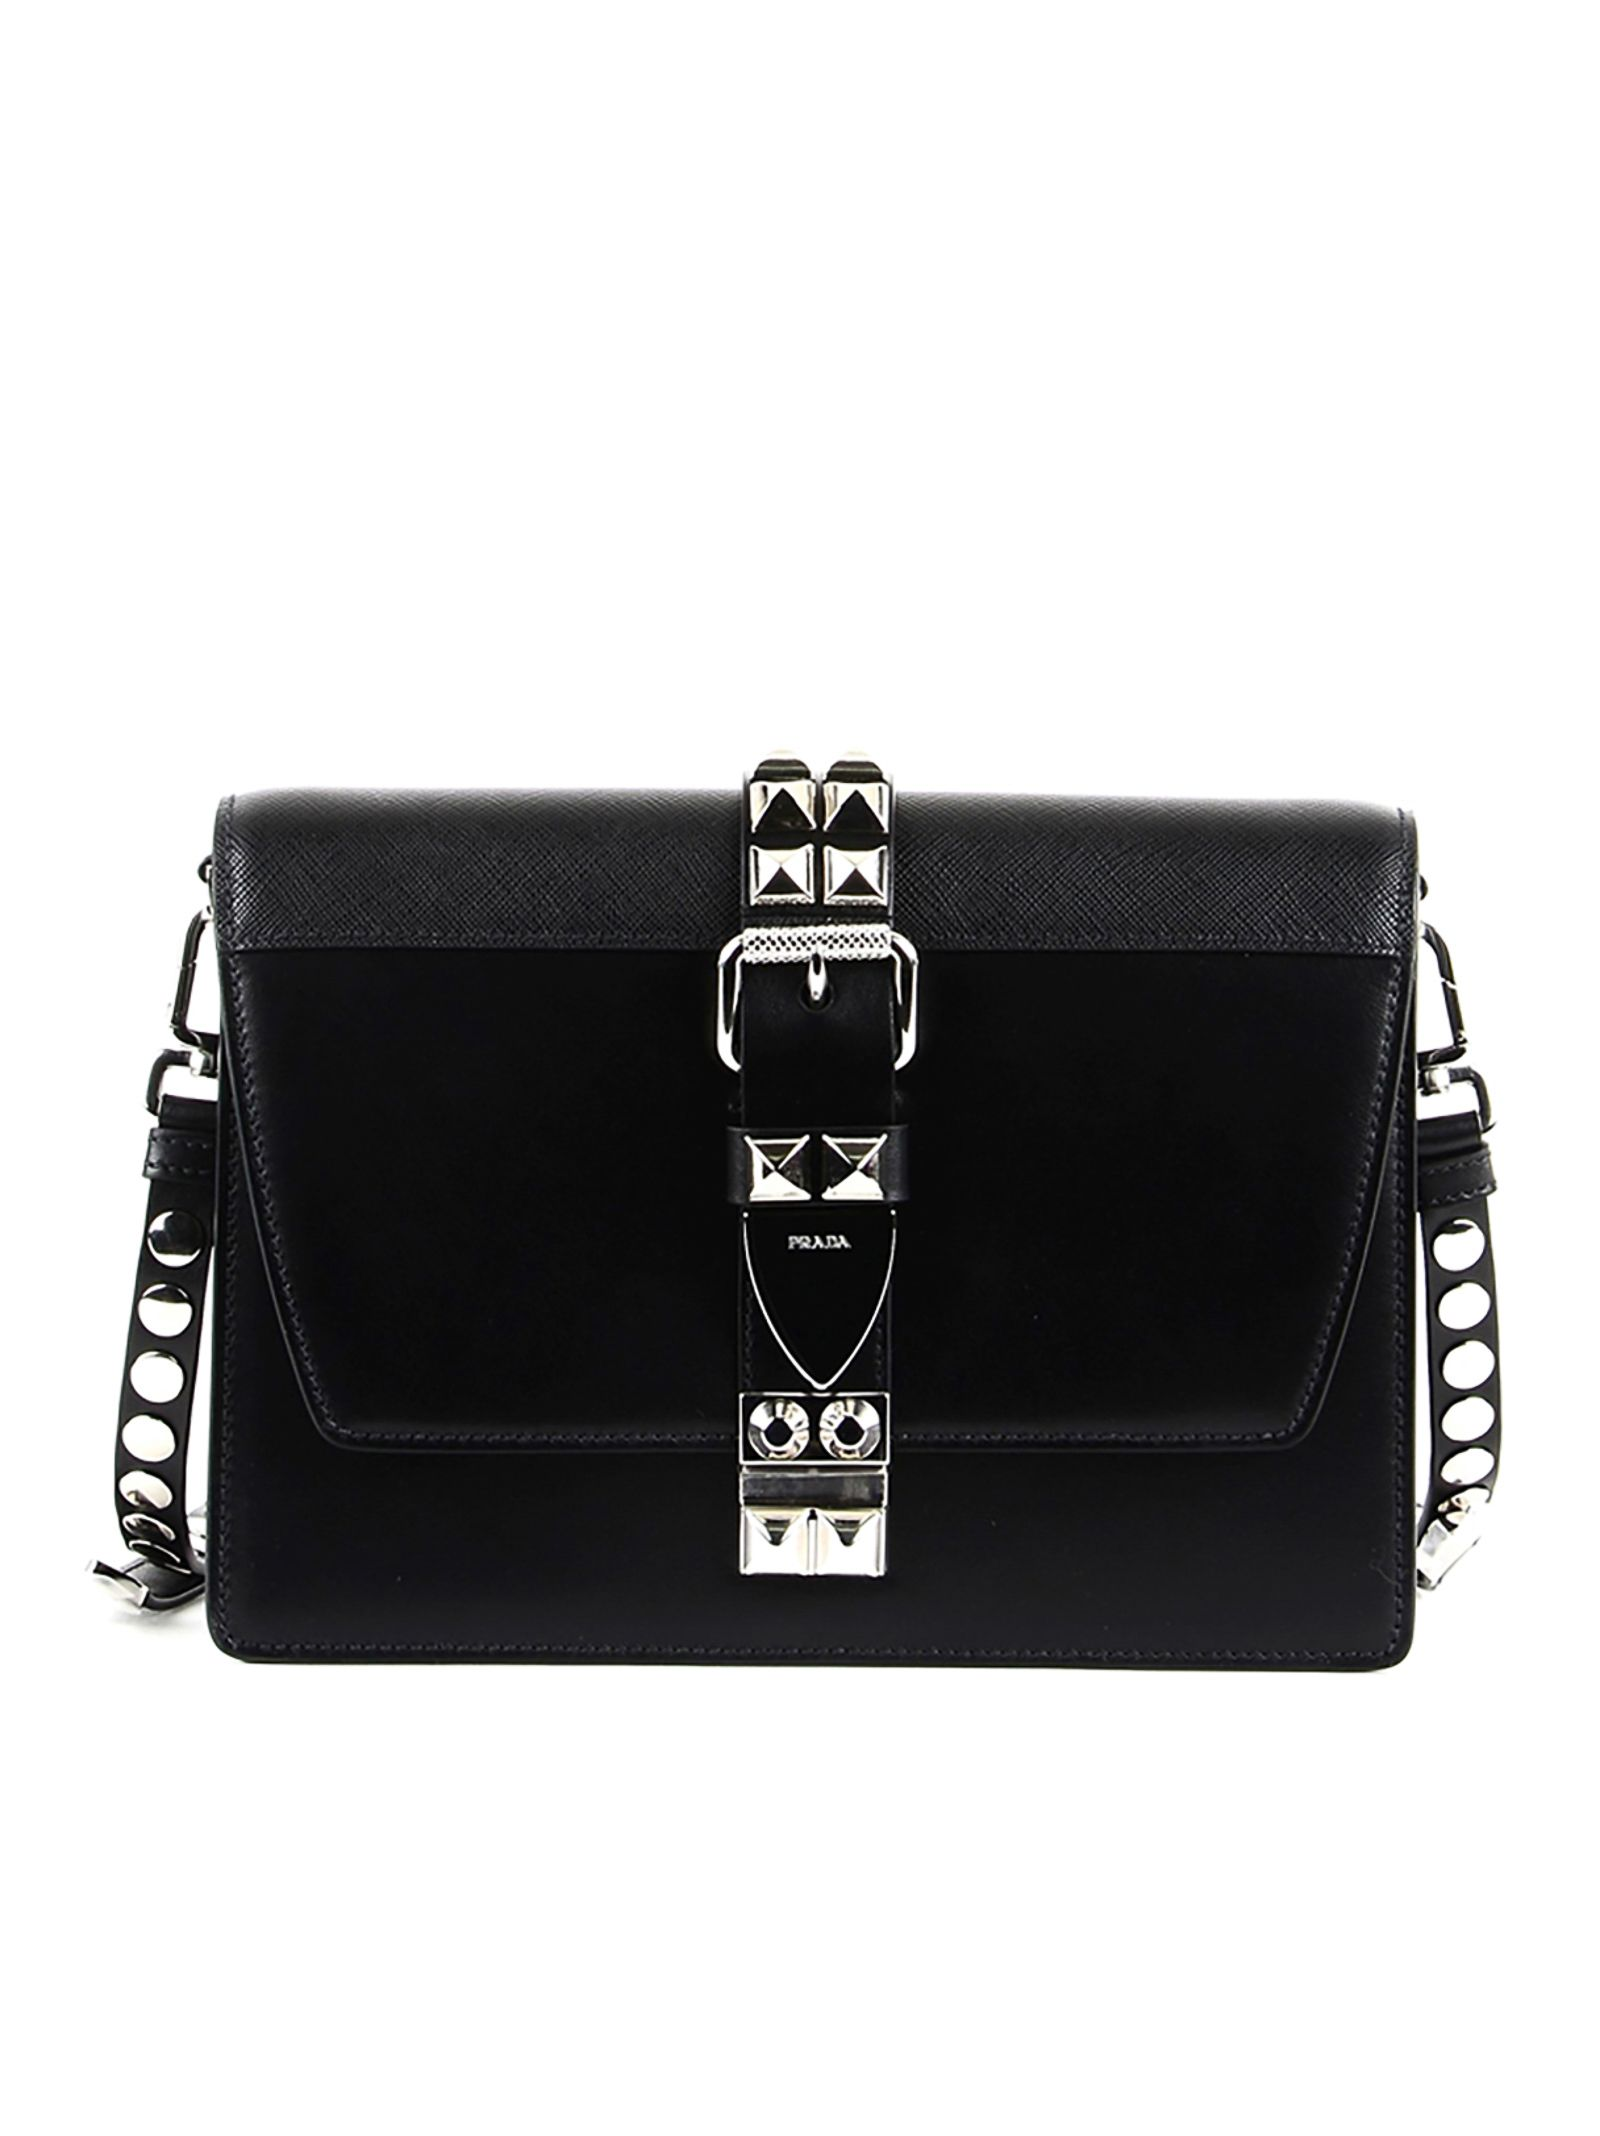 7583e01f1e14 Prada Prada Elektra Shoulder Bag - BLACK - 10844680 | italist